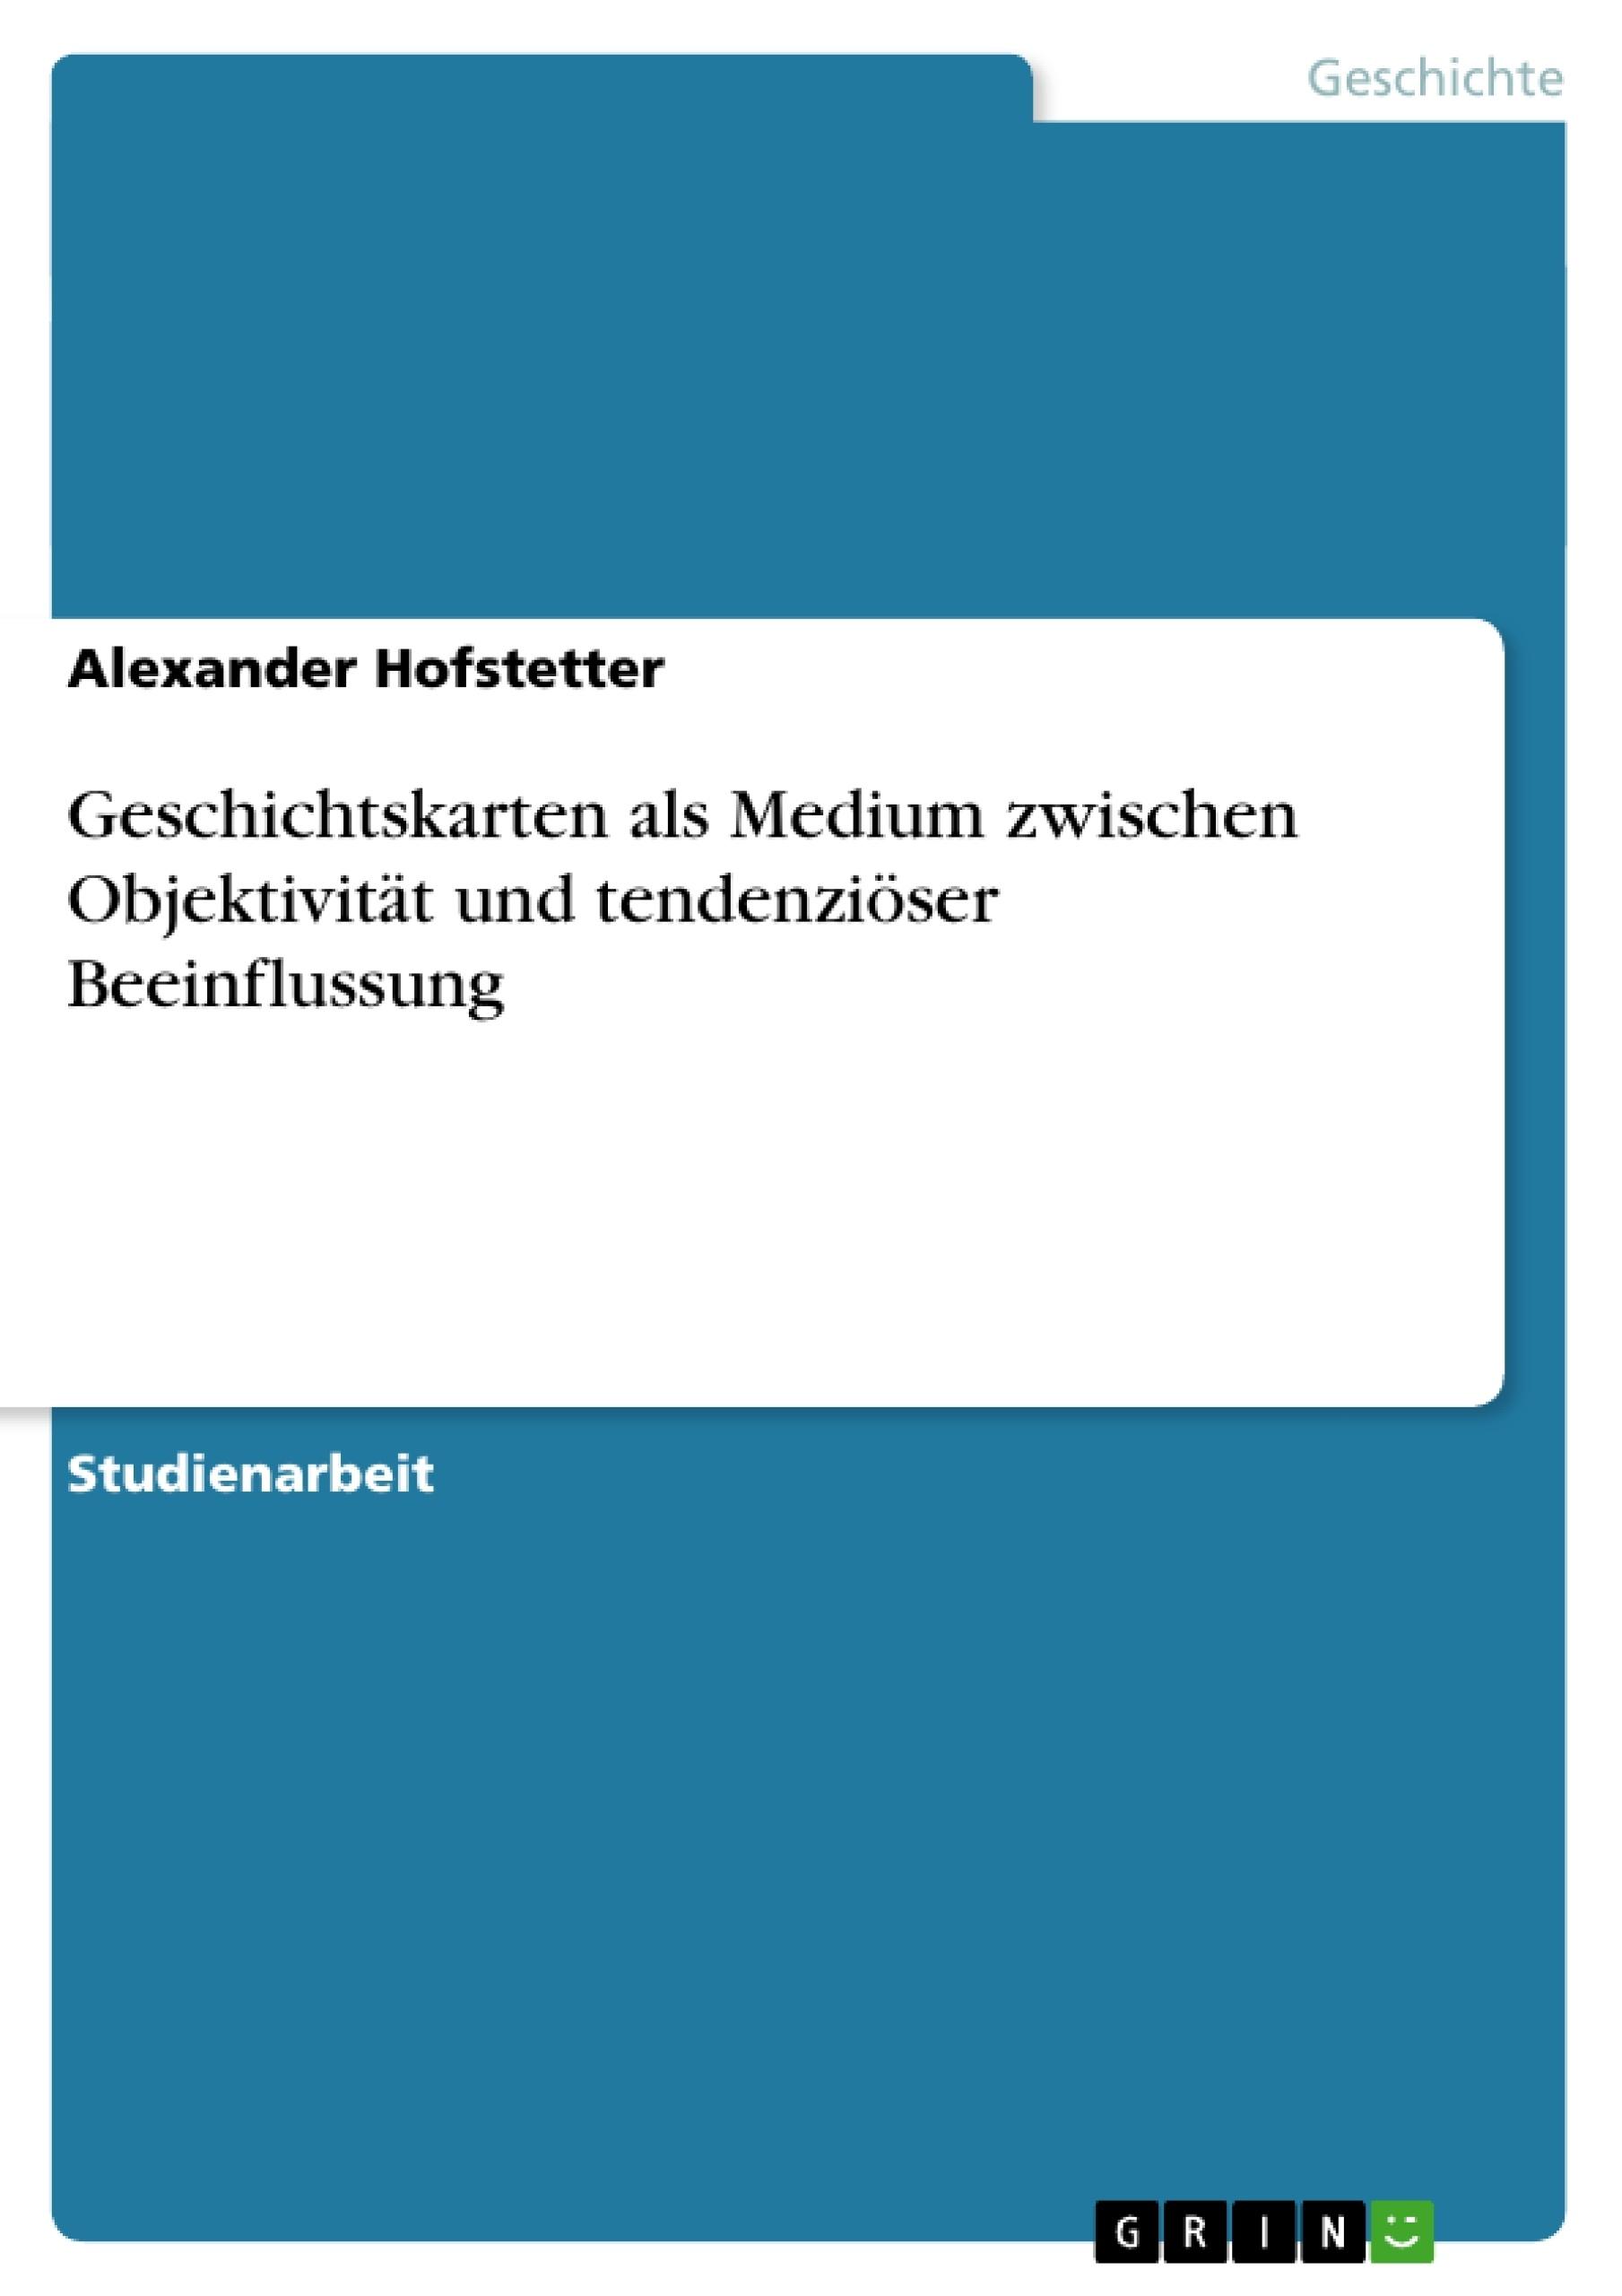 Titel: Geschichtskarten als Medium zwischen Objektivität und tendenziöser Beeinflussung